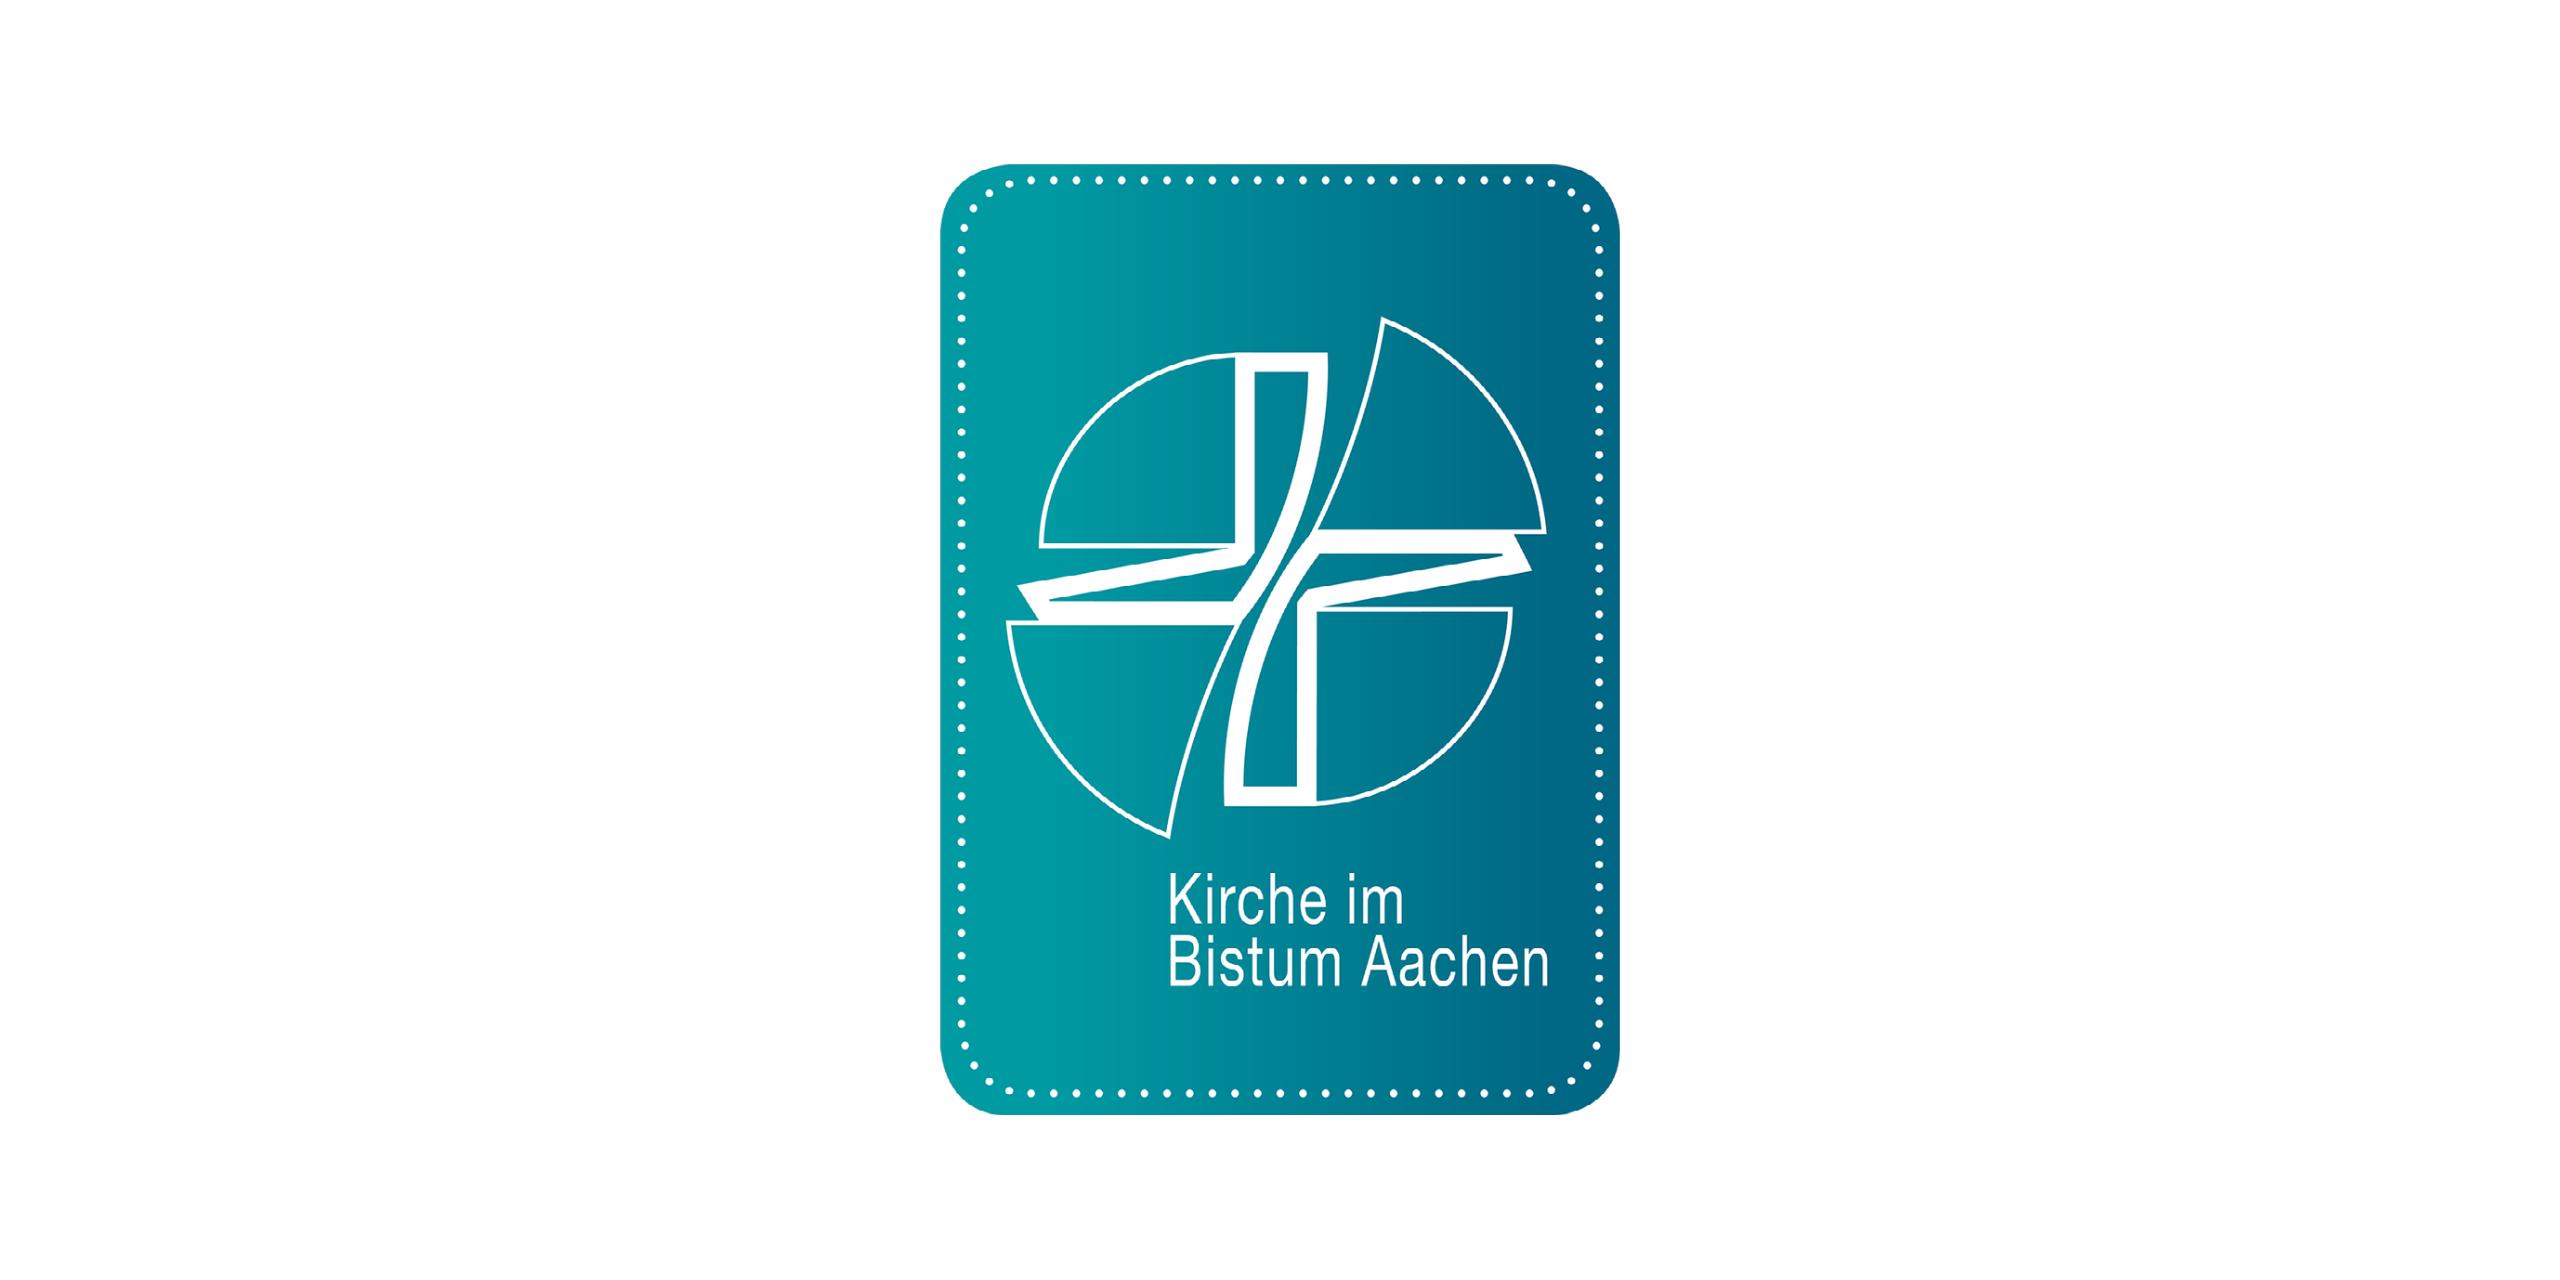 Kirche im Bistum Aachen